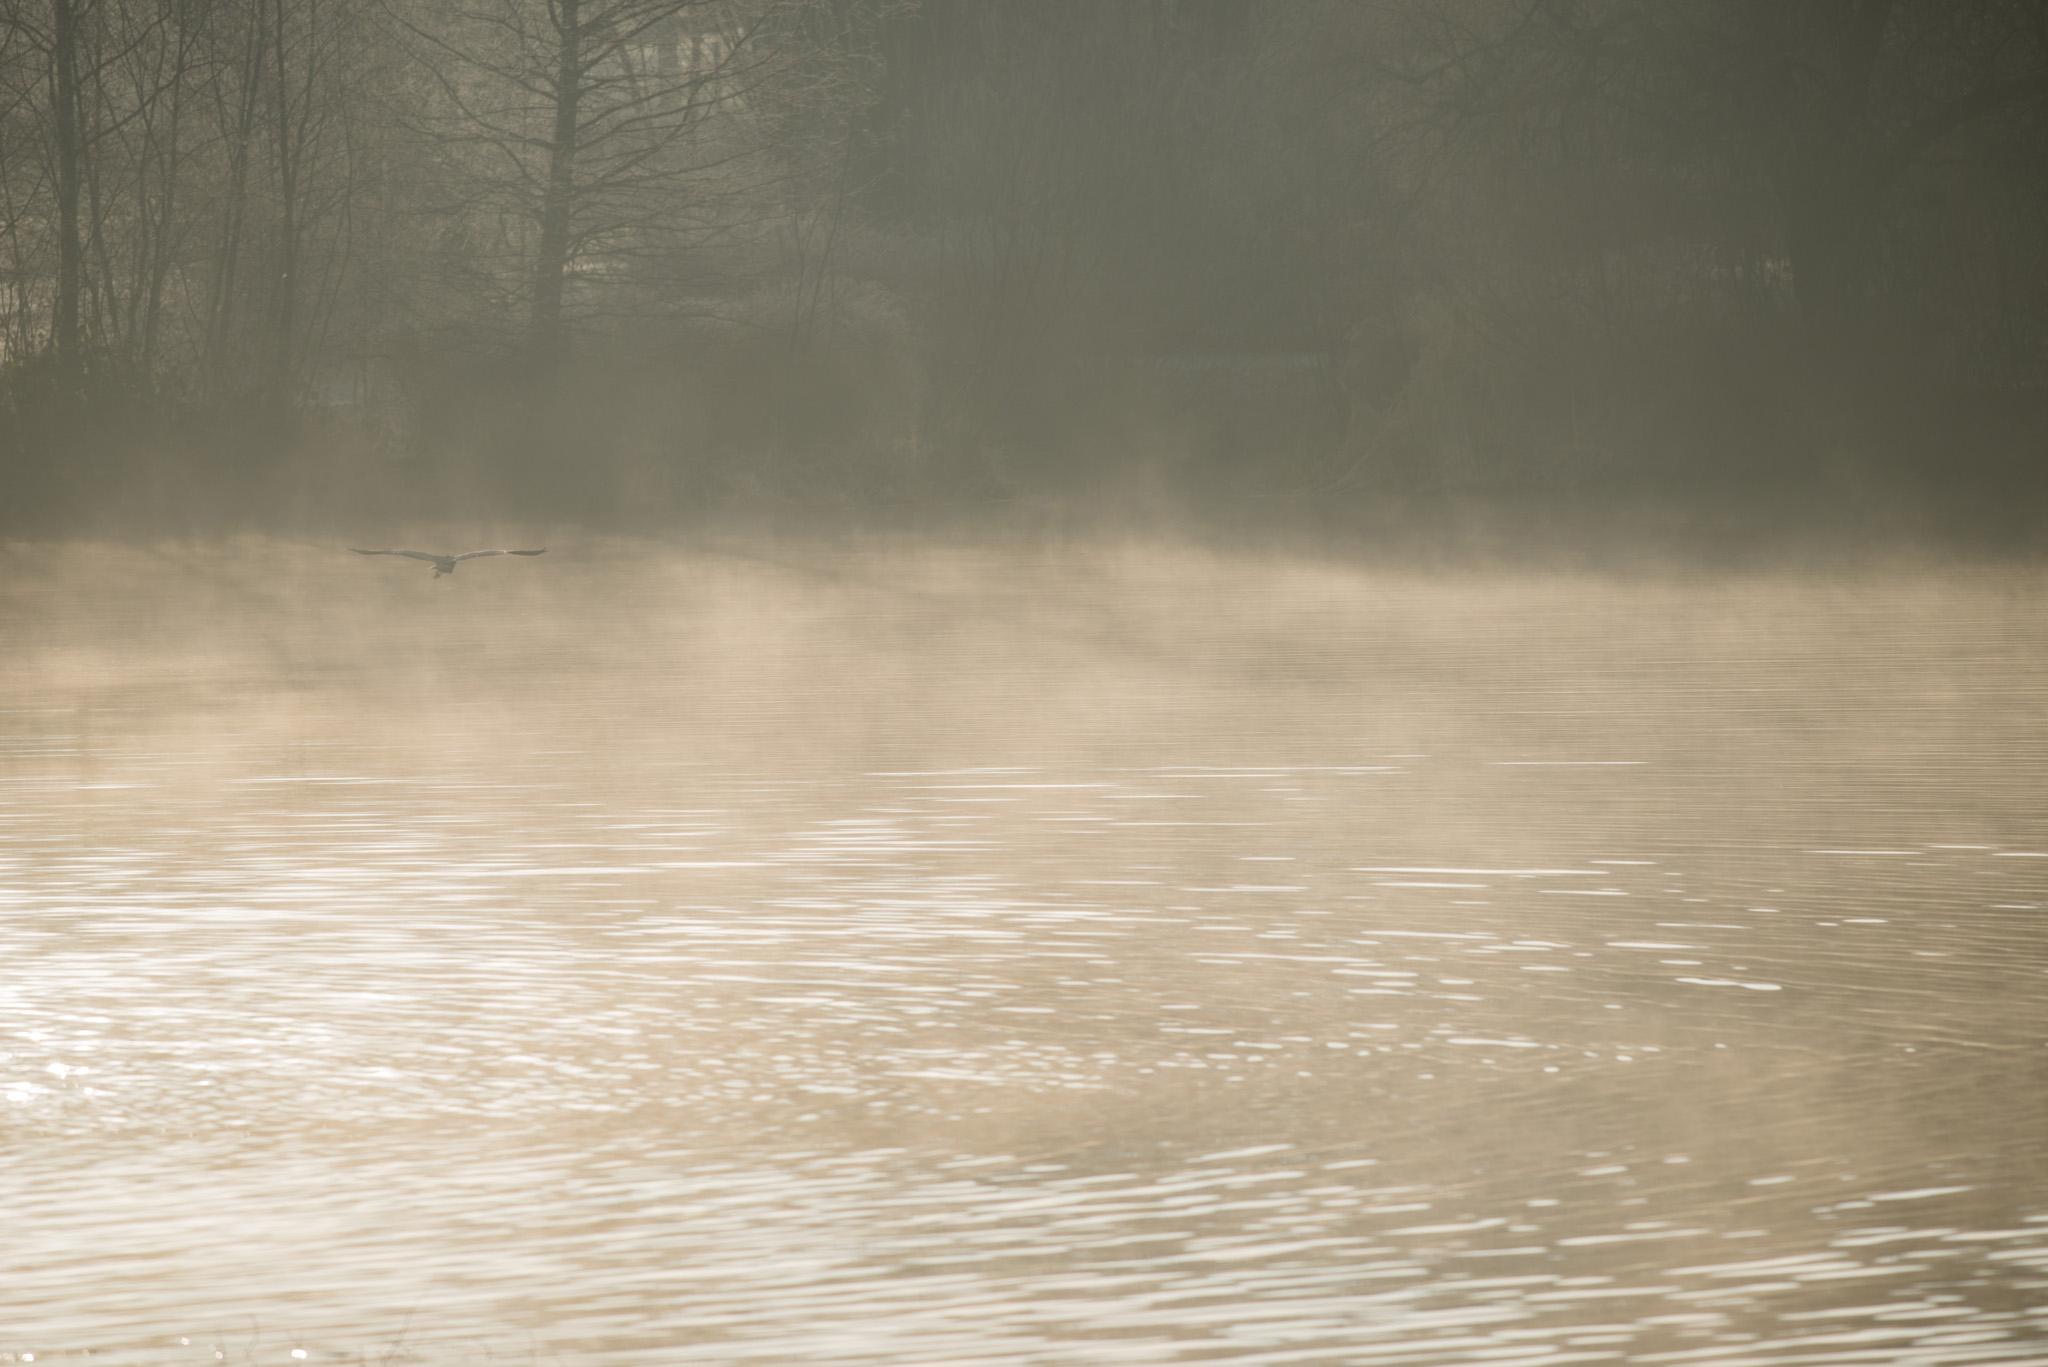 Héron perdu dans la brume